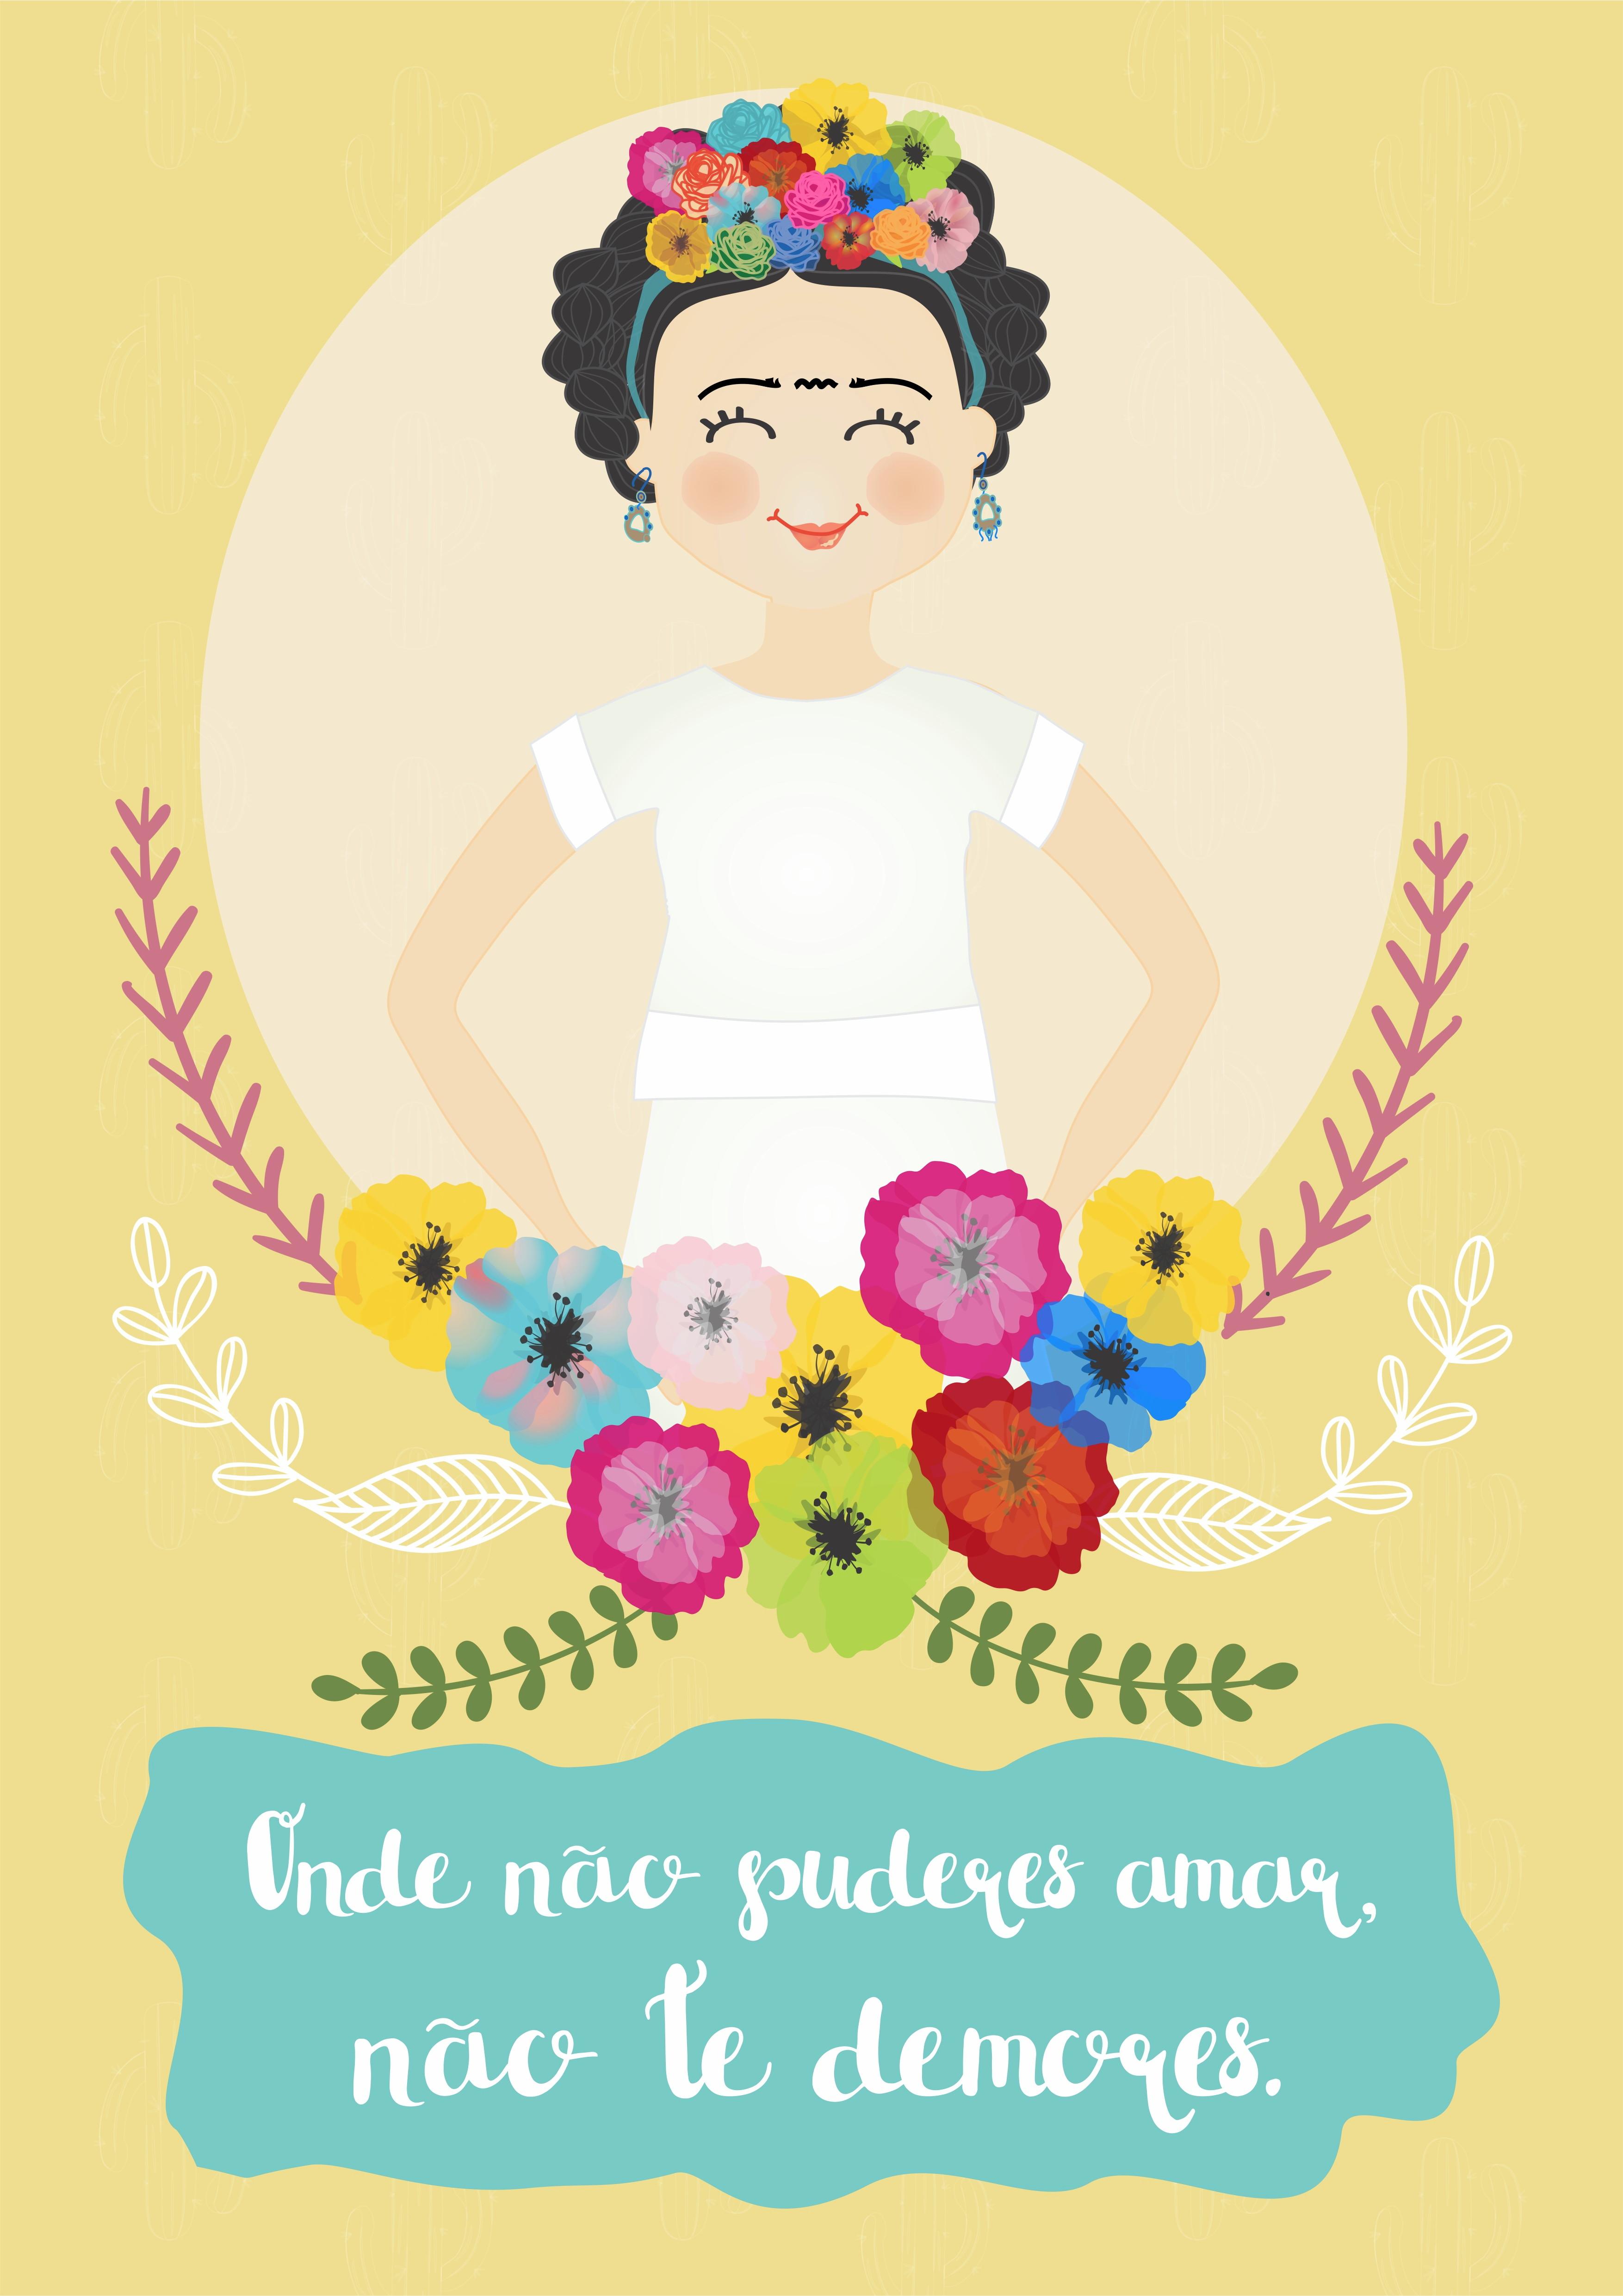 Quadro Digital Frida Frase No Elo7 Ideando Ca0a03